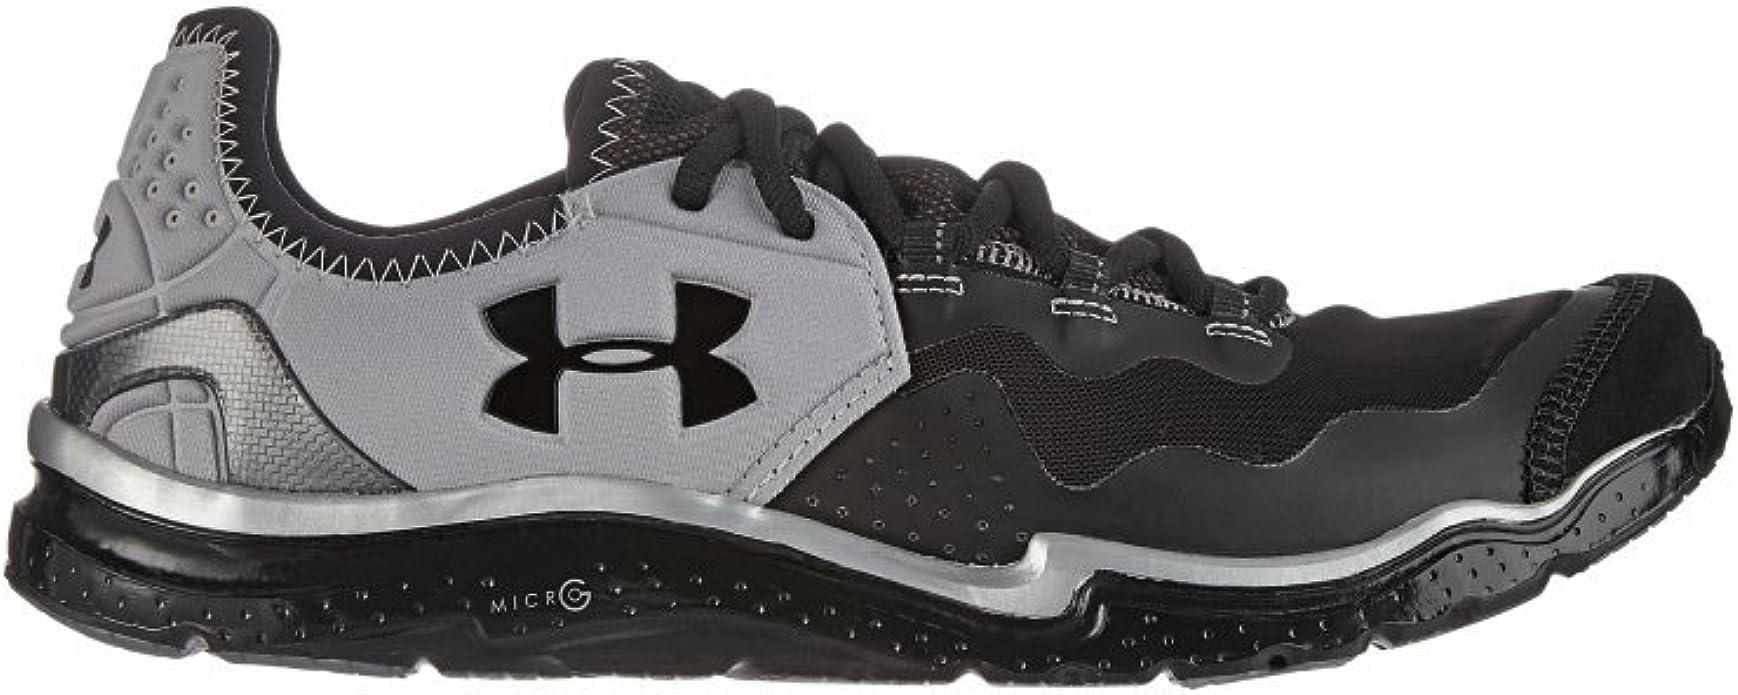 UNDER ARMOUR - Zapatillas Running Hombre UA Charge RC 2 - 1235671-004 - 11.5: Amazon.es: Zapatos y complementos